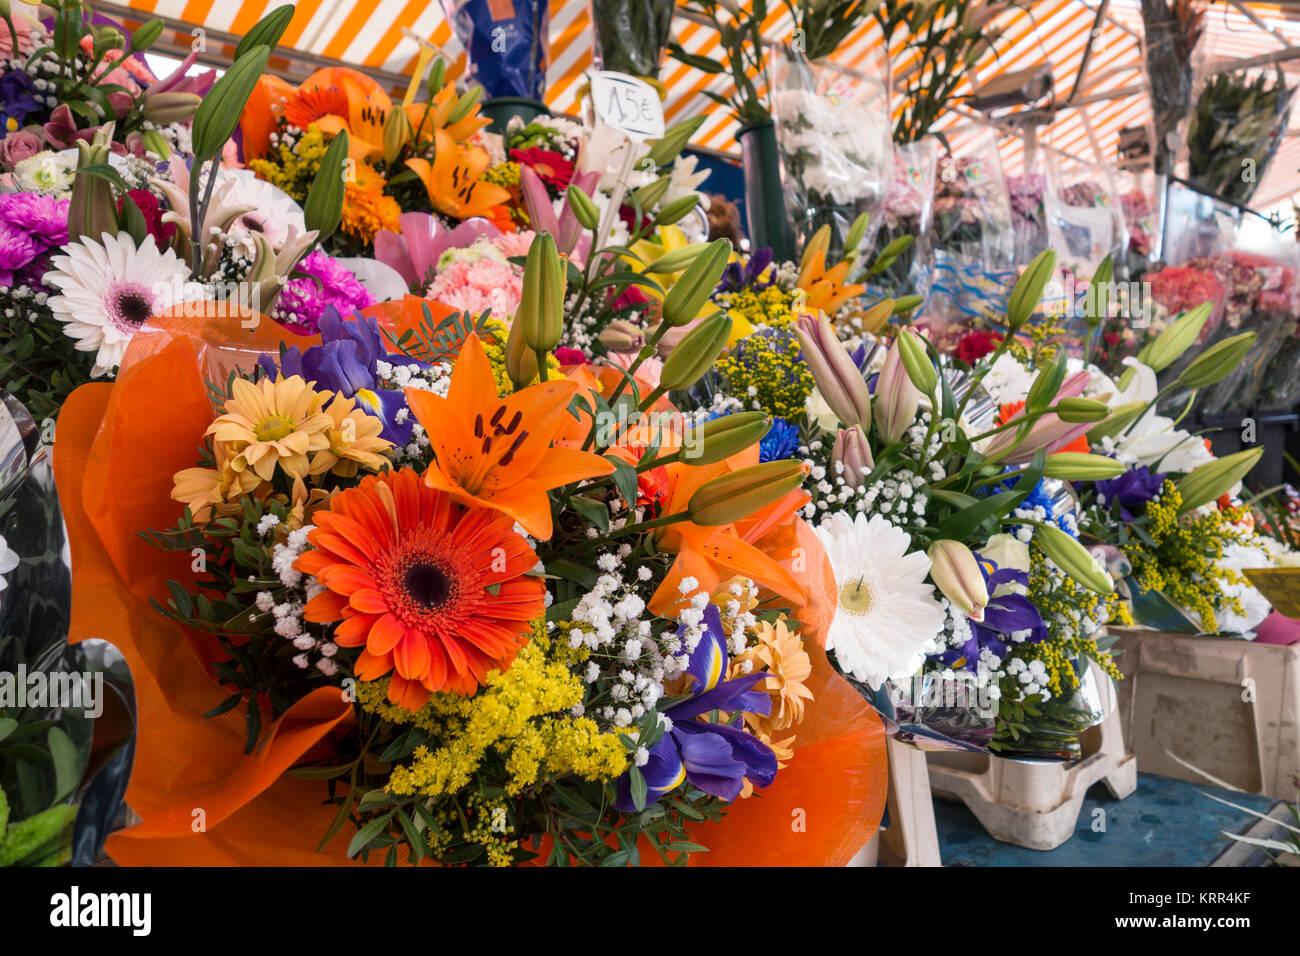 Blumensträuße in den Blumenmarkt, Nizza, Frankreich, Stockbild